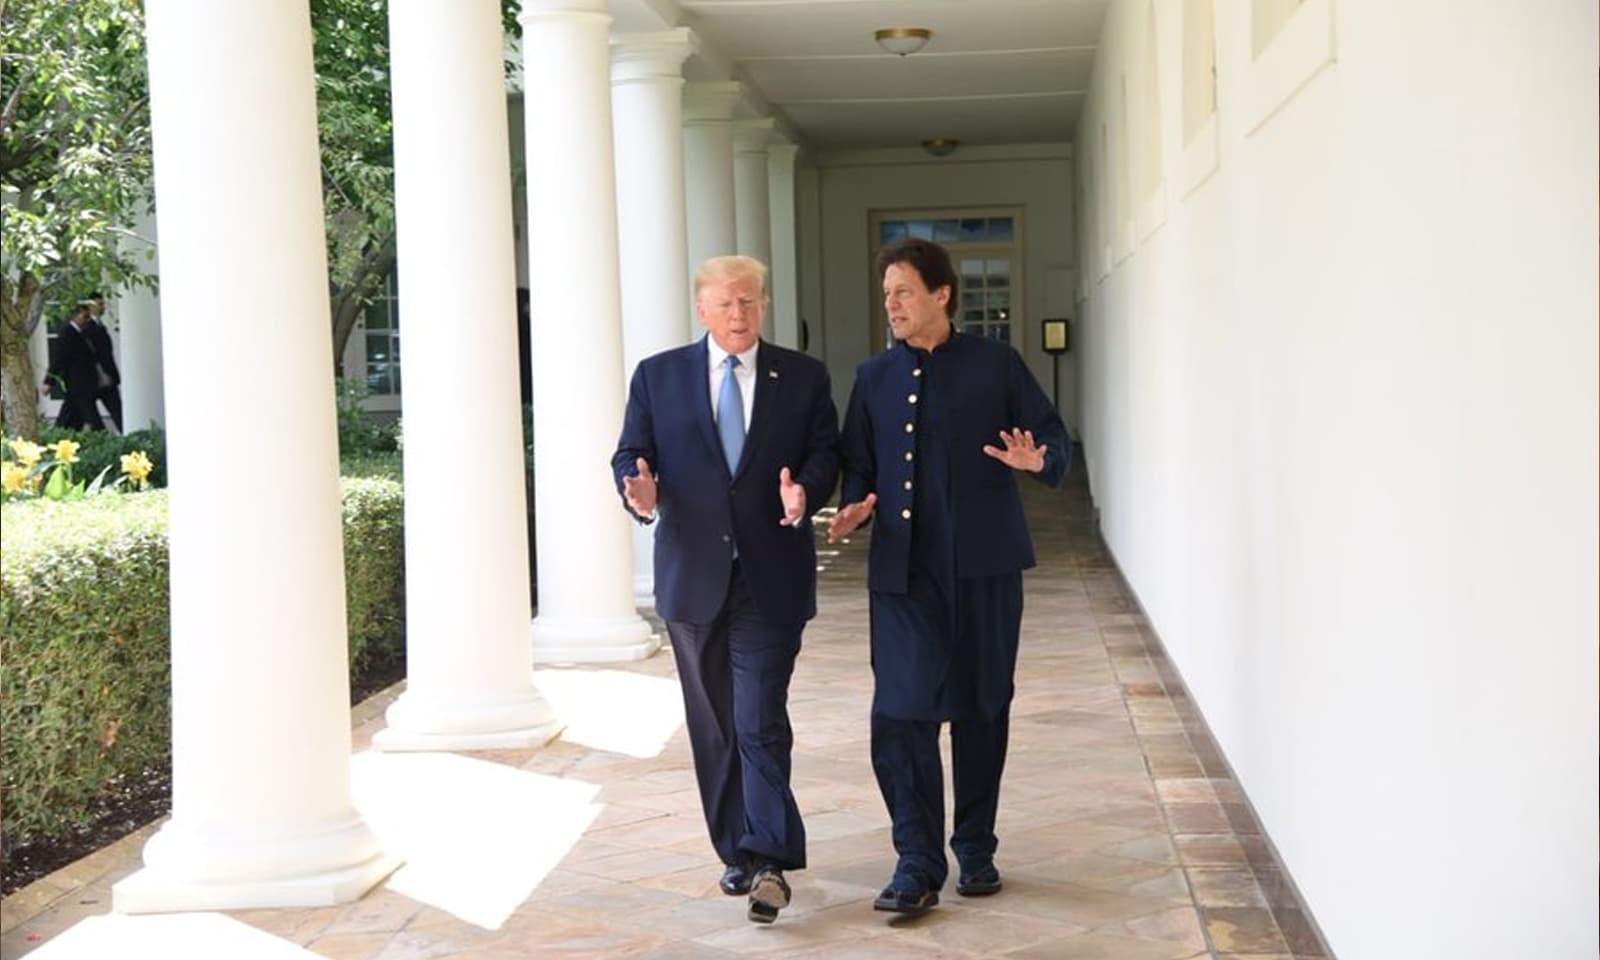 وزیراعظم عمران خان امریکا کے 3 روزہ سرکاری دورے پر ہیں — فوٹو : بشکریہ ٹوئٹر